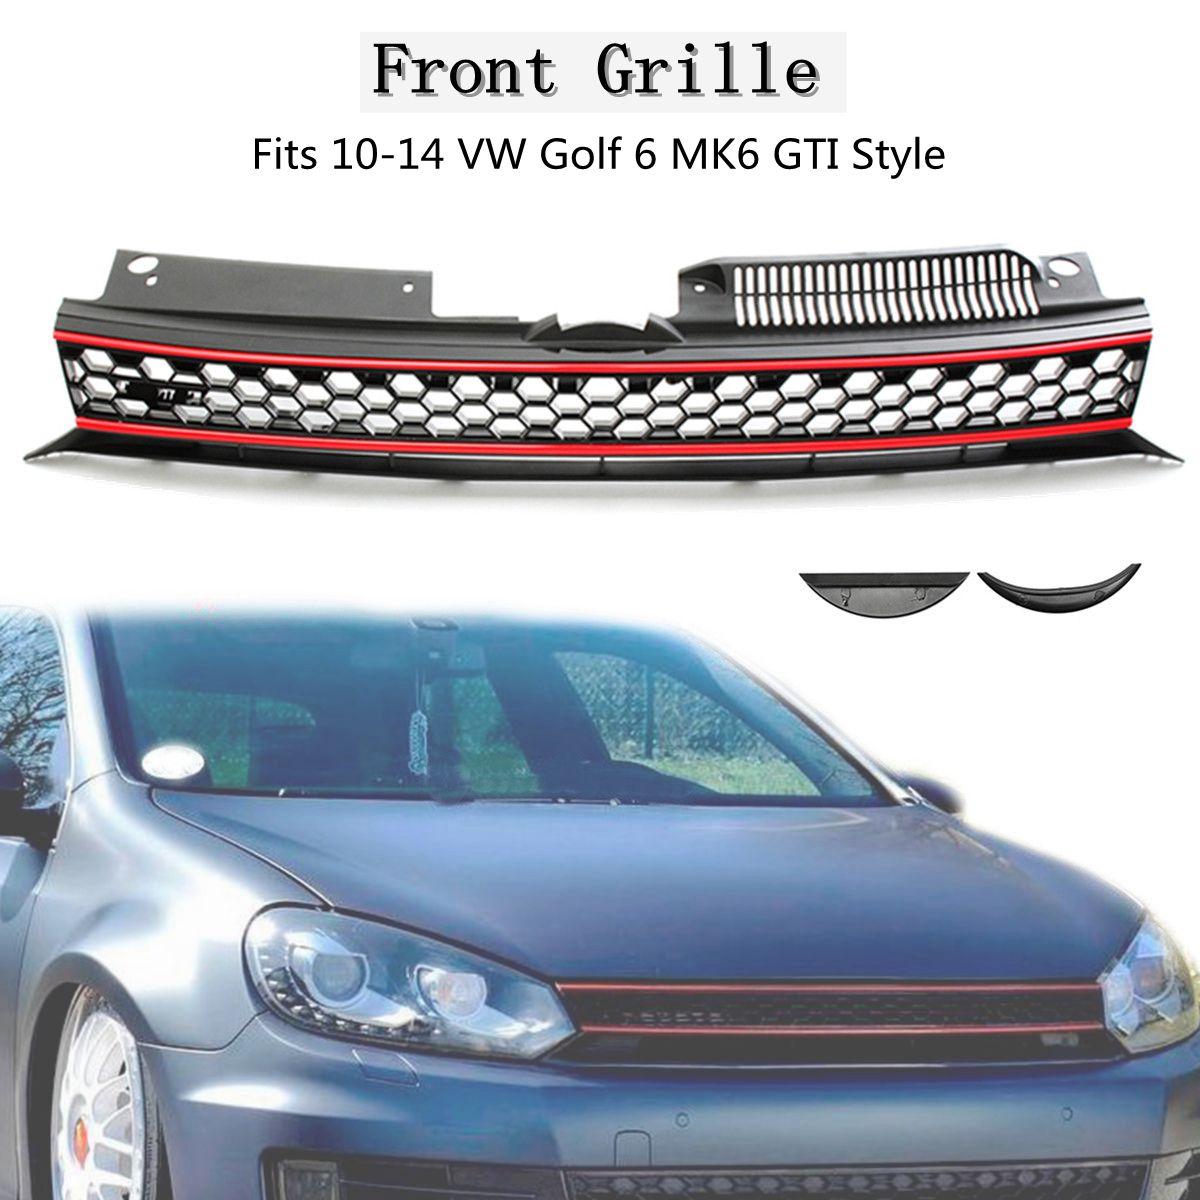 Car ABS Front High Bar Black Red Trim Mesh Grille For VW Golf 6 MK6 Hatchback  2010-2014 golf 6 mk6 gti racing grills abs car mesh grille for volkswagen vw jetta mk6 front bumper 11 13